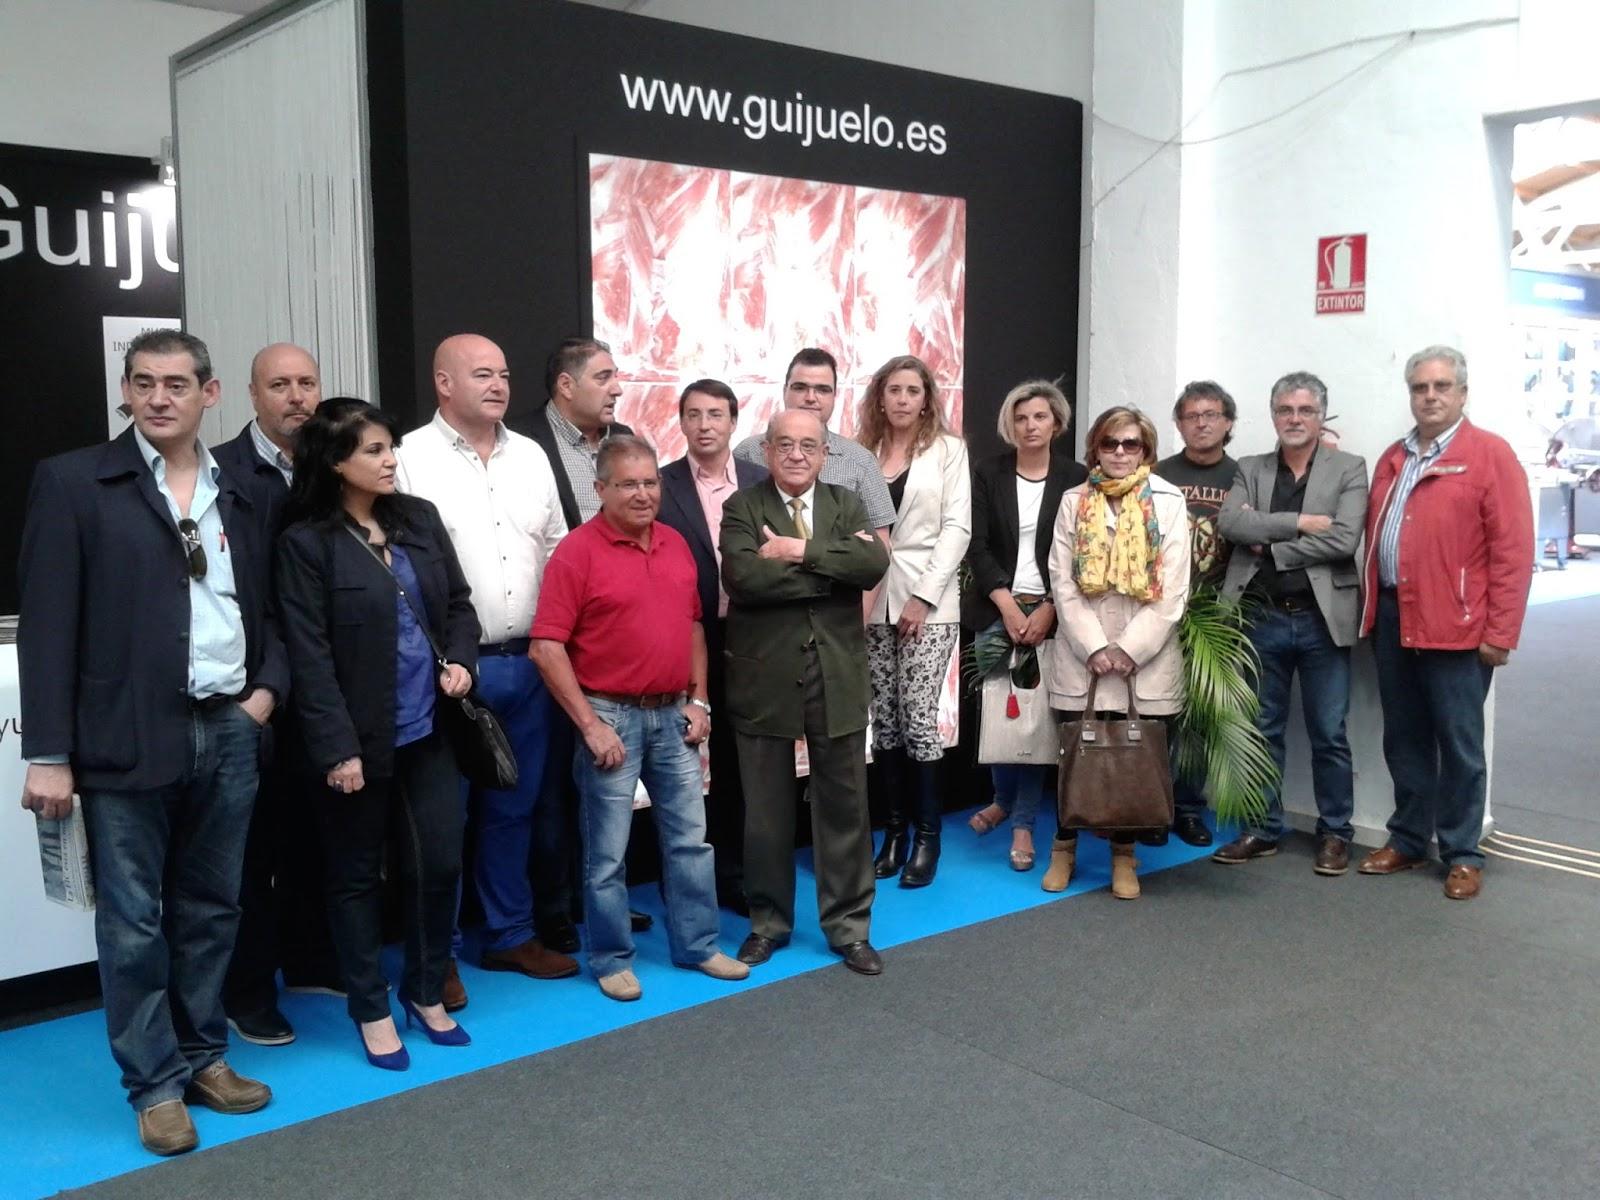 responsables y cargos de los socialistas en la feria chacinera de Guijuelo